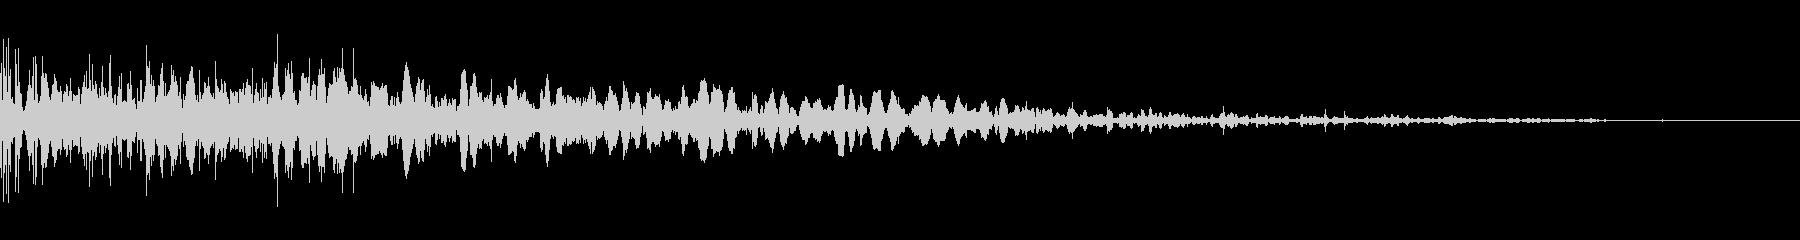 砕け散る音02の未再生の波形